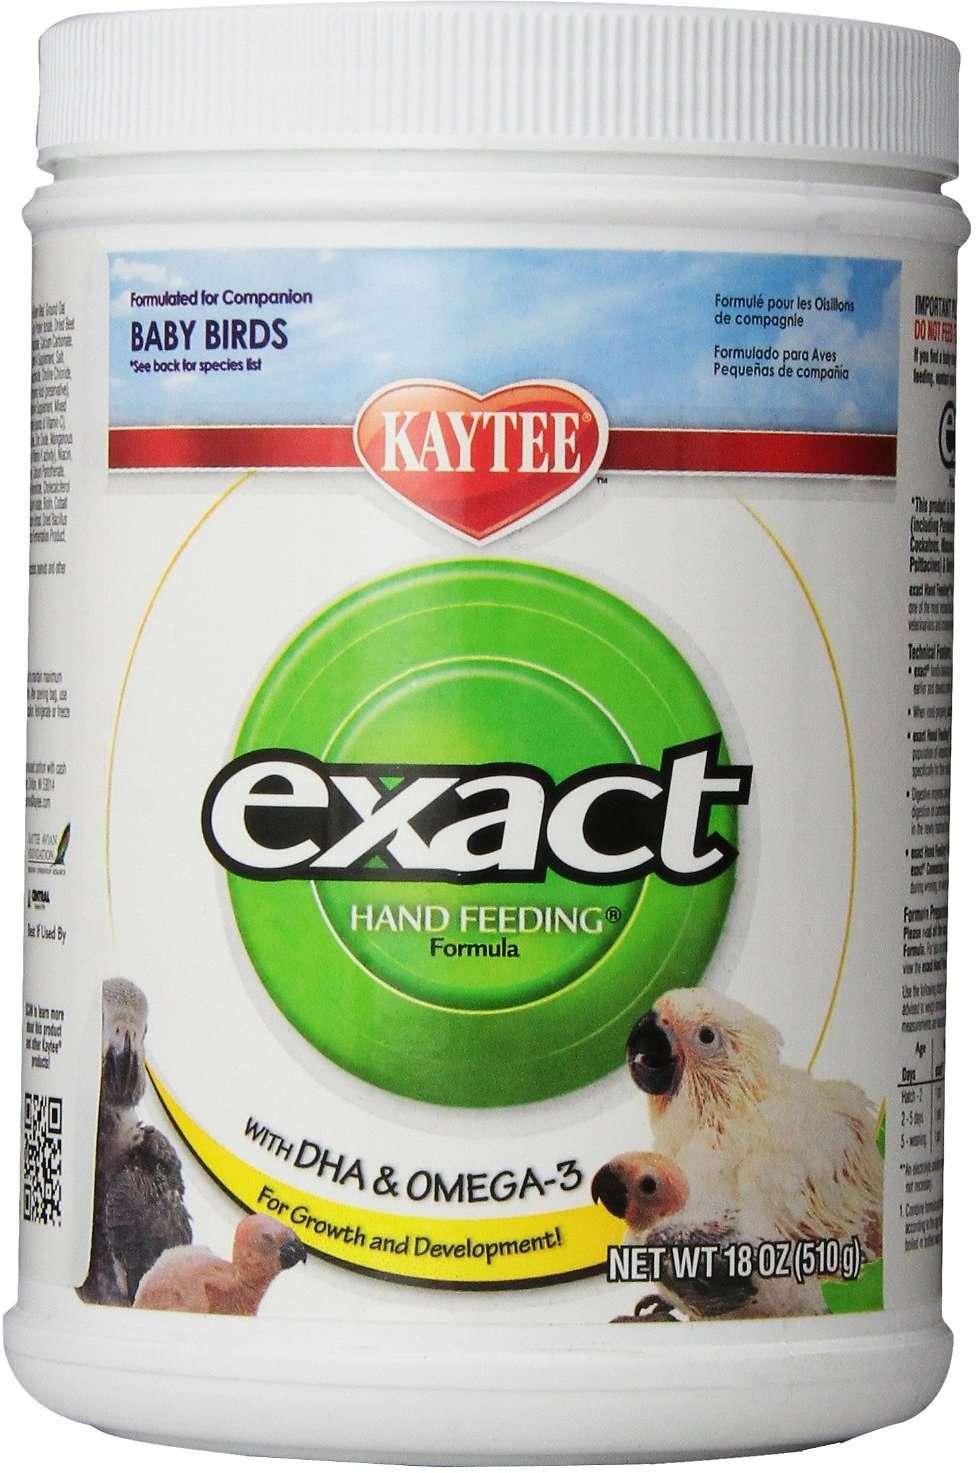 Kaytee Exact Hand Feeding Formula Baby Bird Food